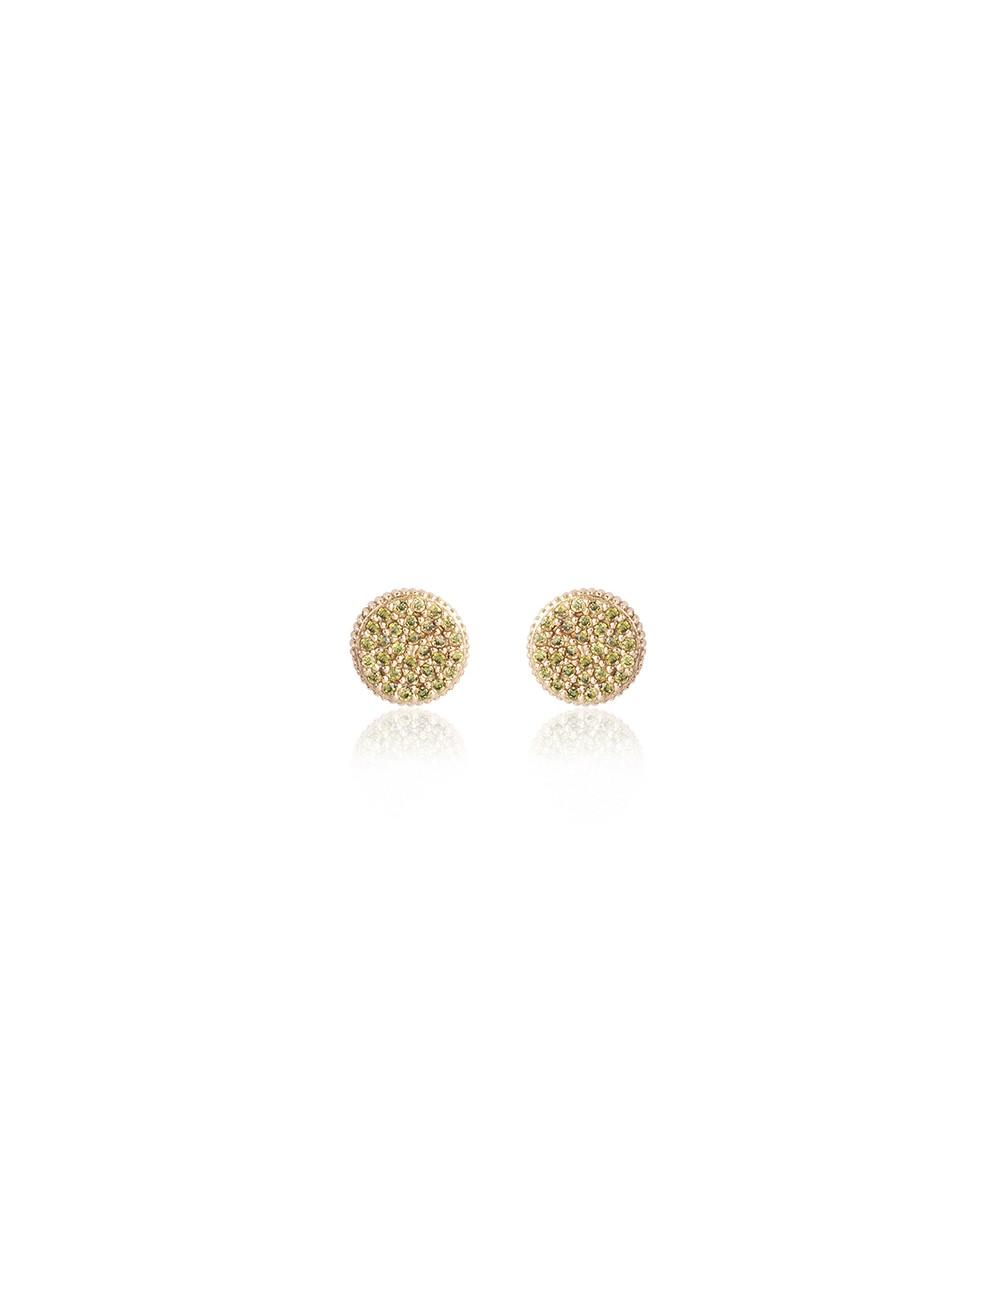 Sunfield -Pendientes Sunfield plata baño oro rosa y circonitas -PE06230/2/20